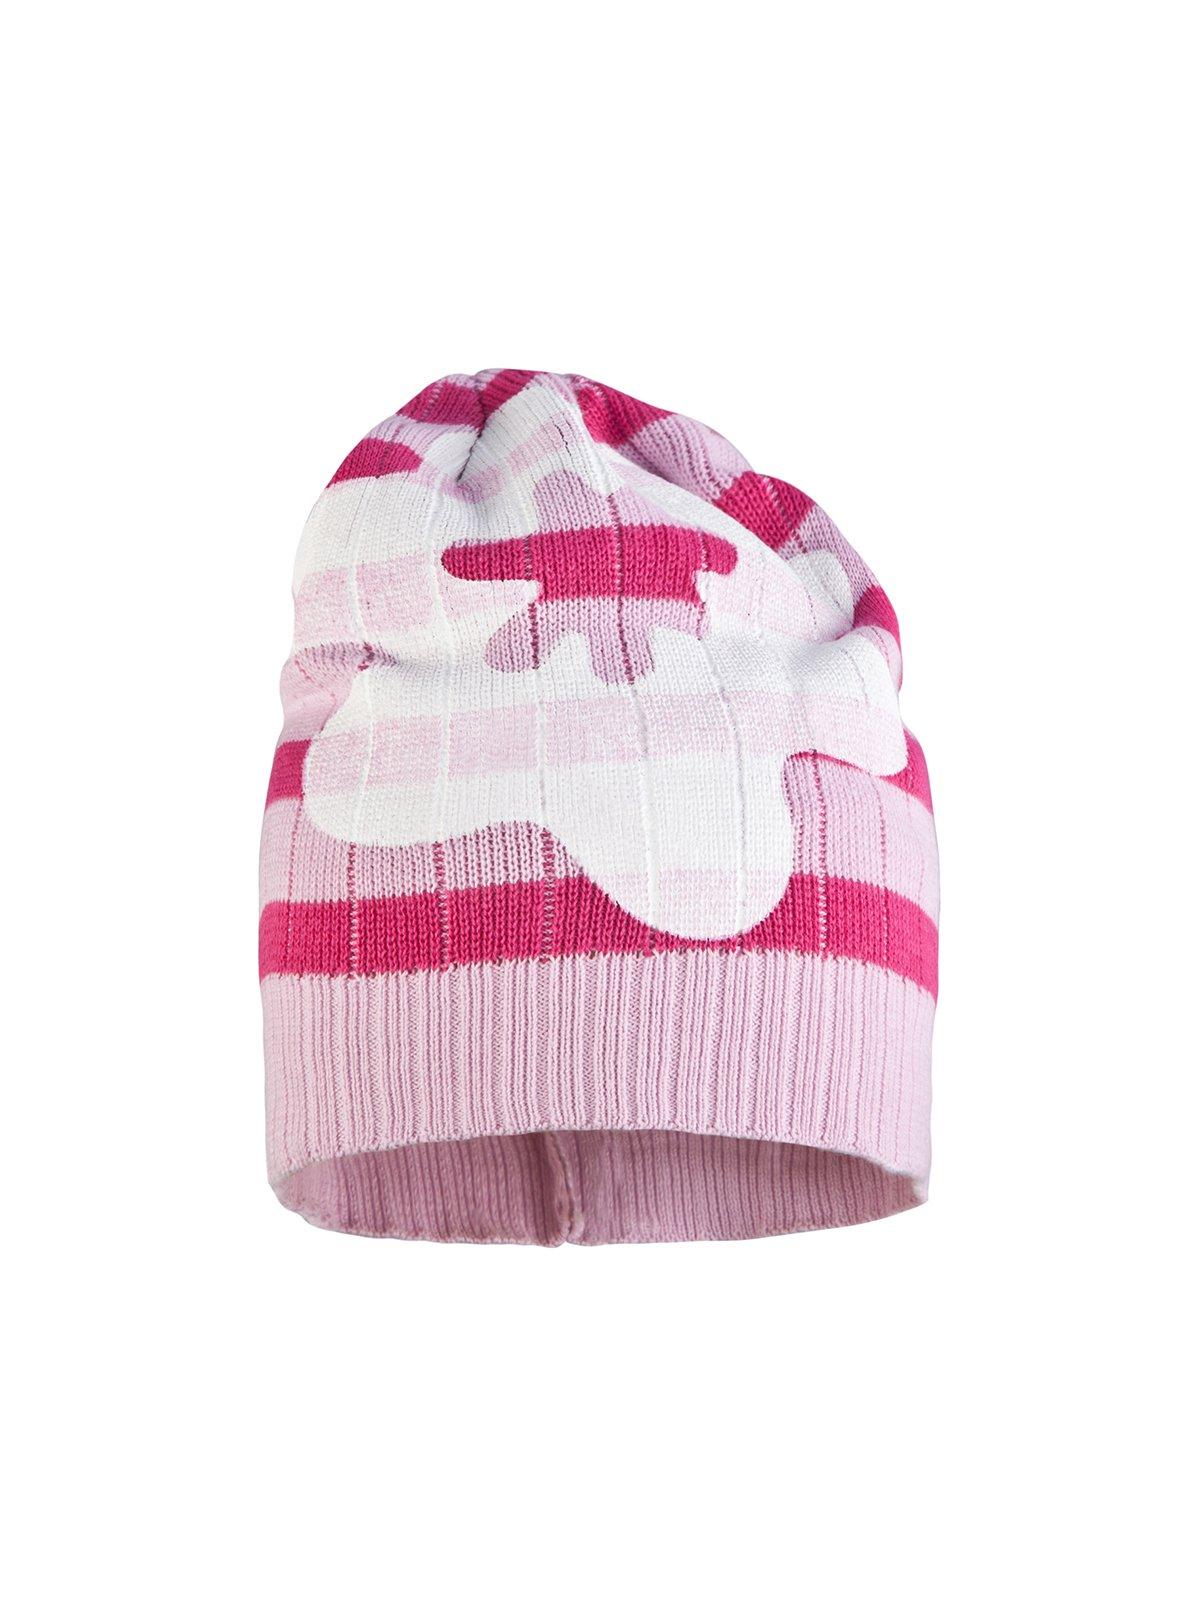 Шапка бело-розовая в полоску | 311821